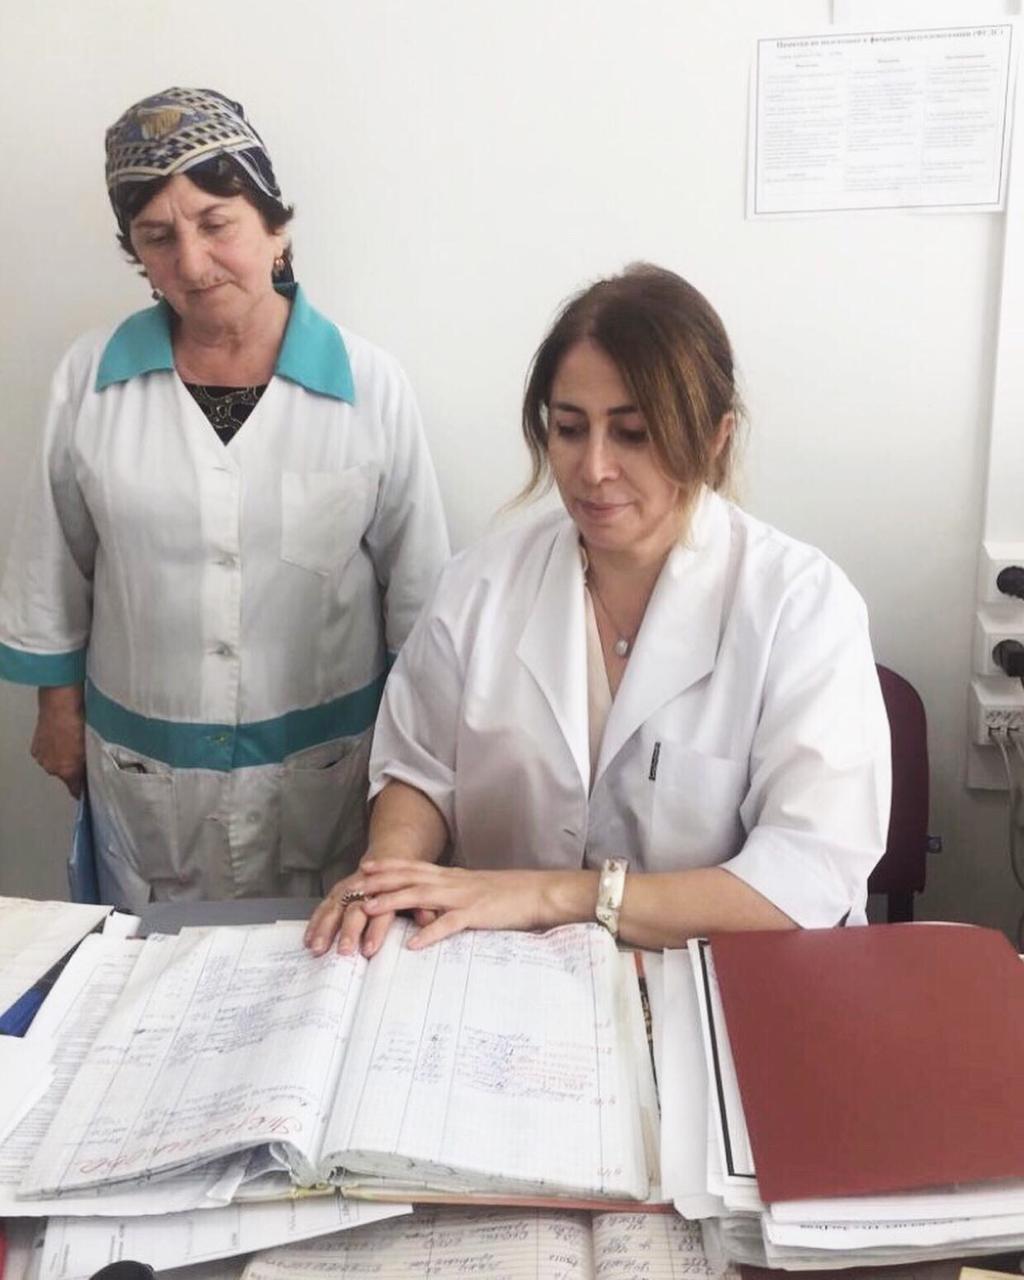 Обучение докторов санпросвет работе с населением в ЦГБ г. Дагестанские Огни